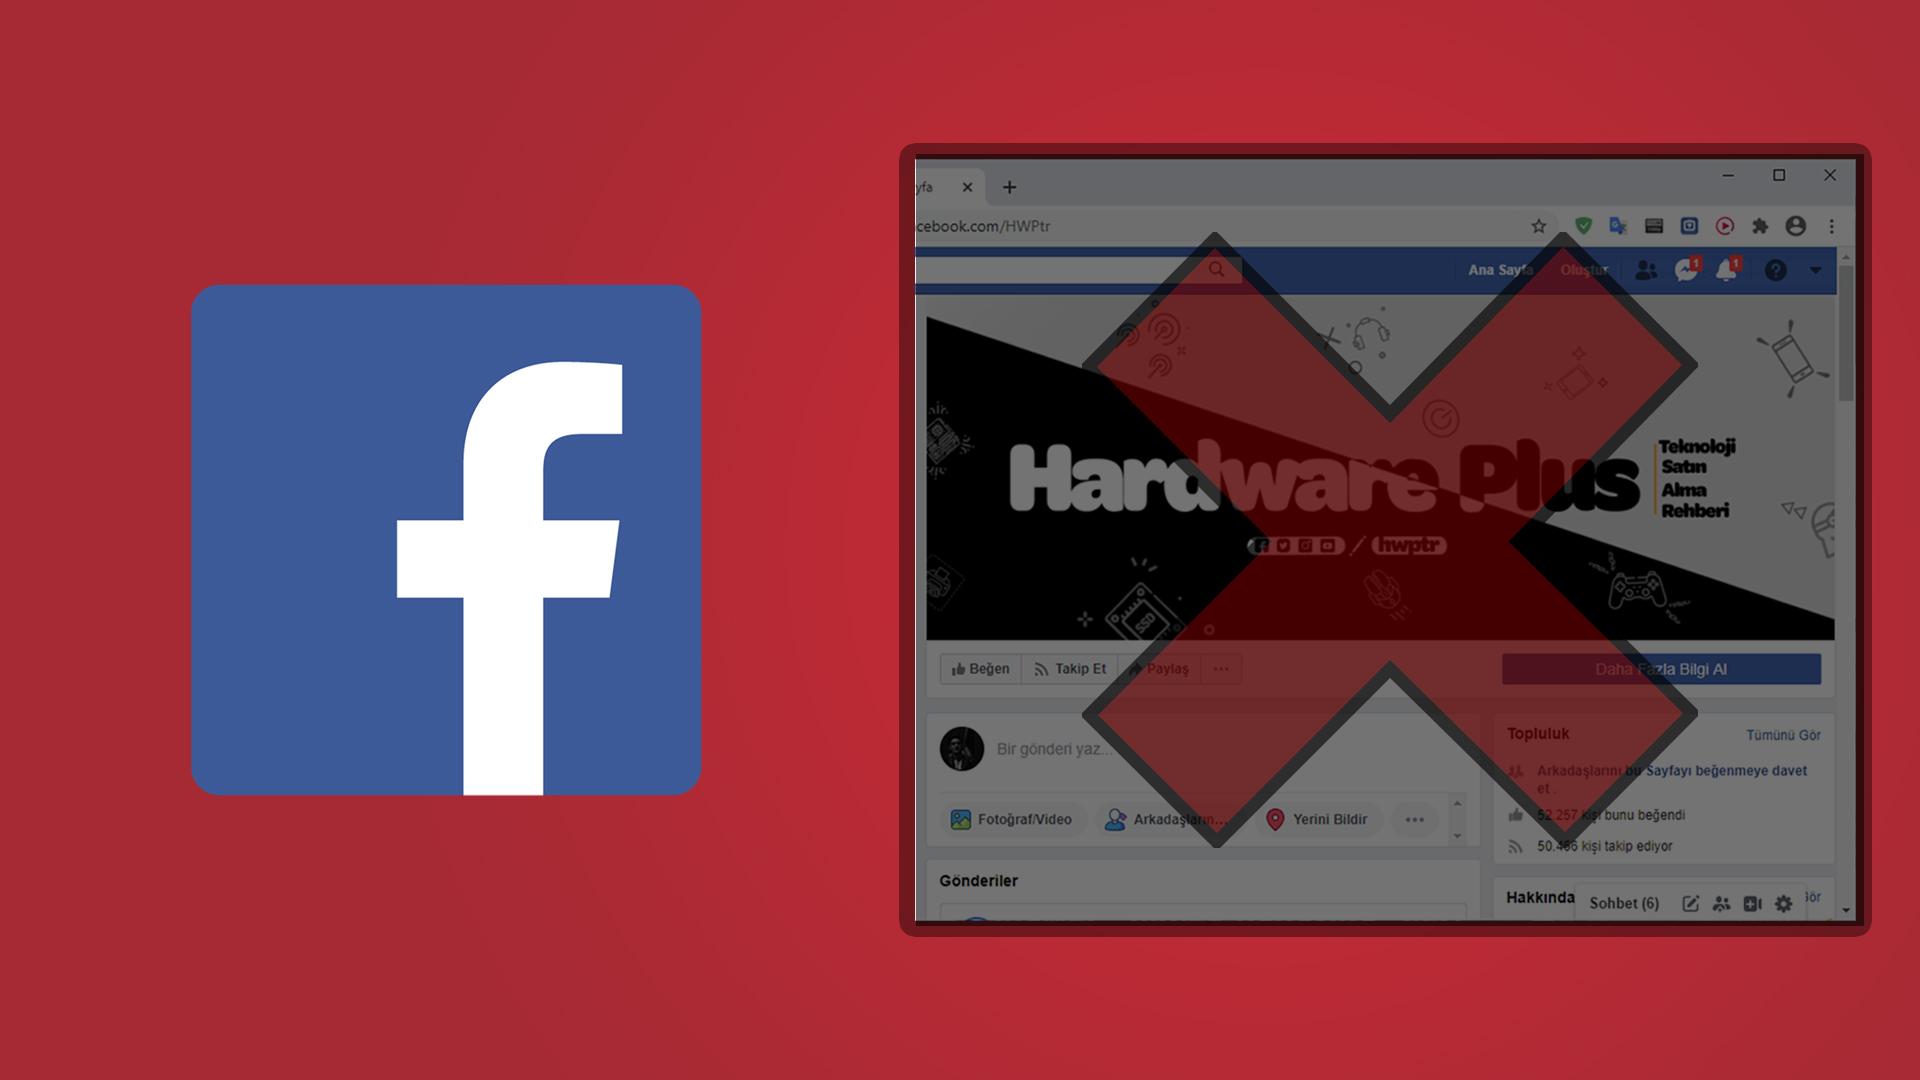 Facebook eski tasarım